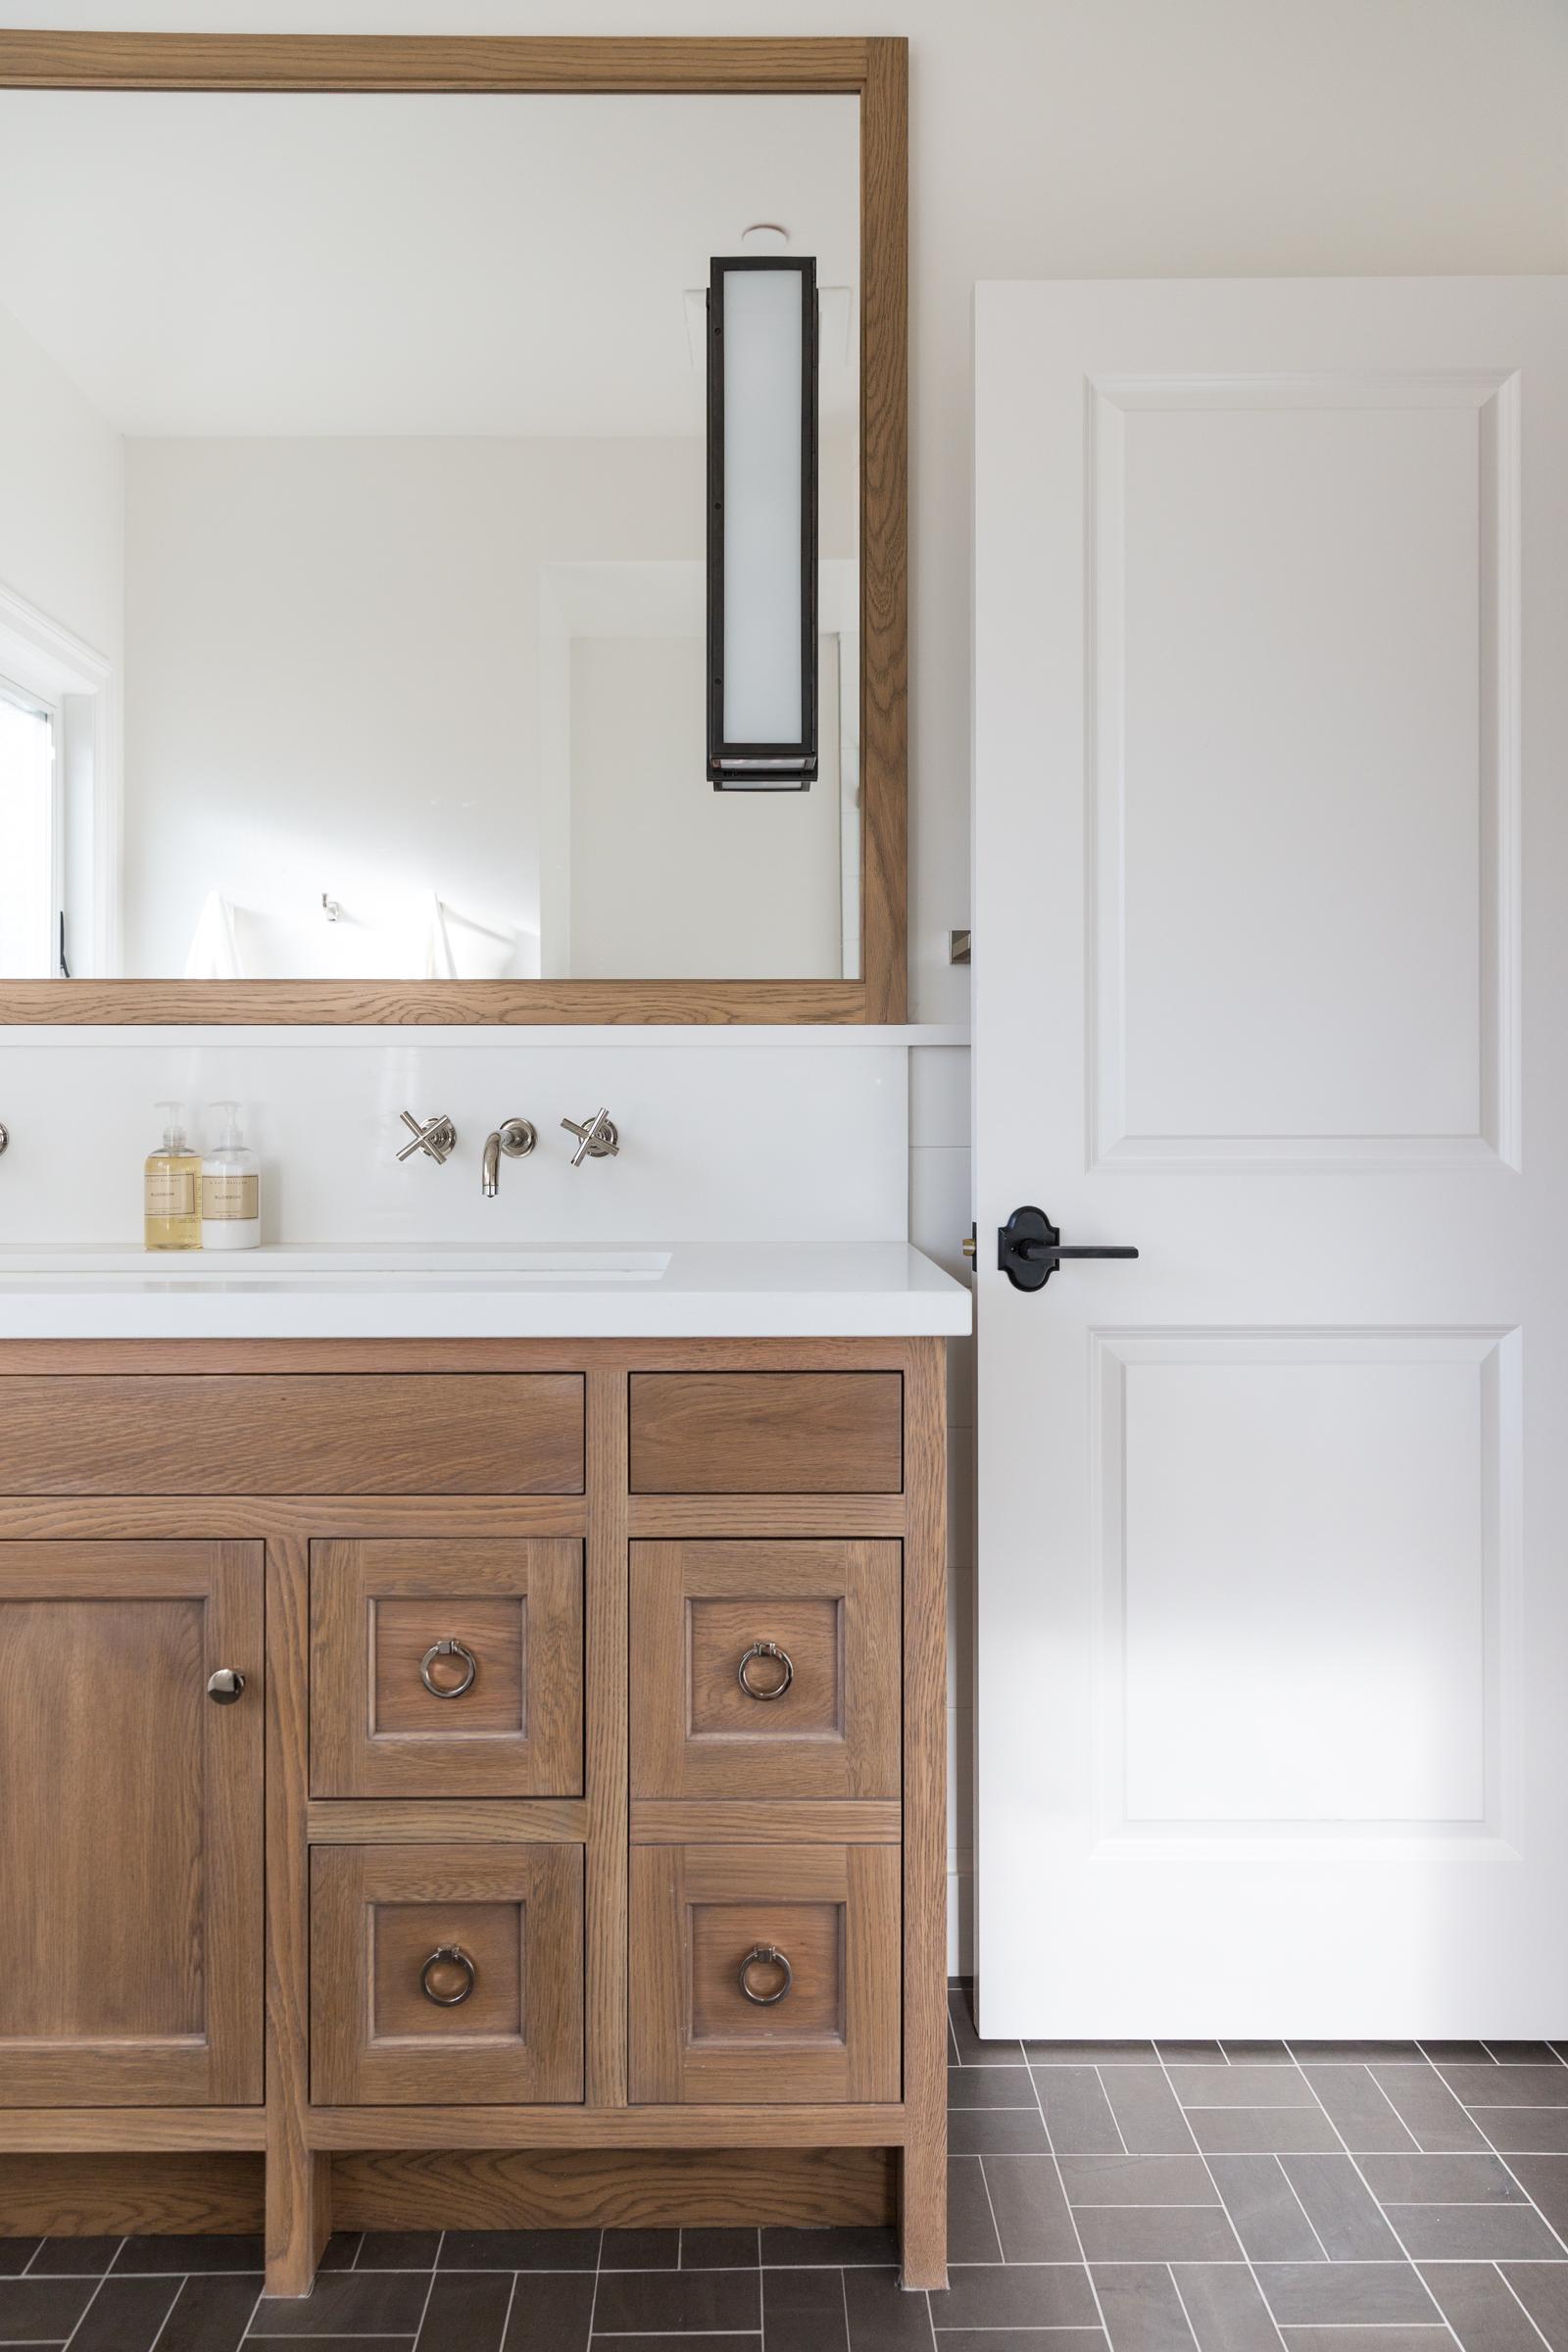 celeste_bathrooms-4.jpg